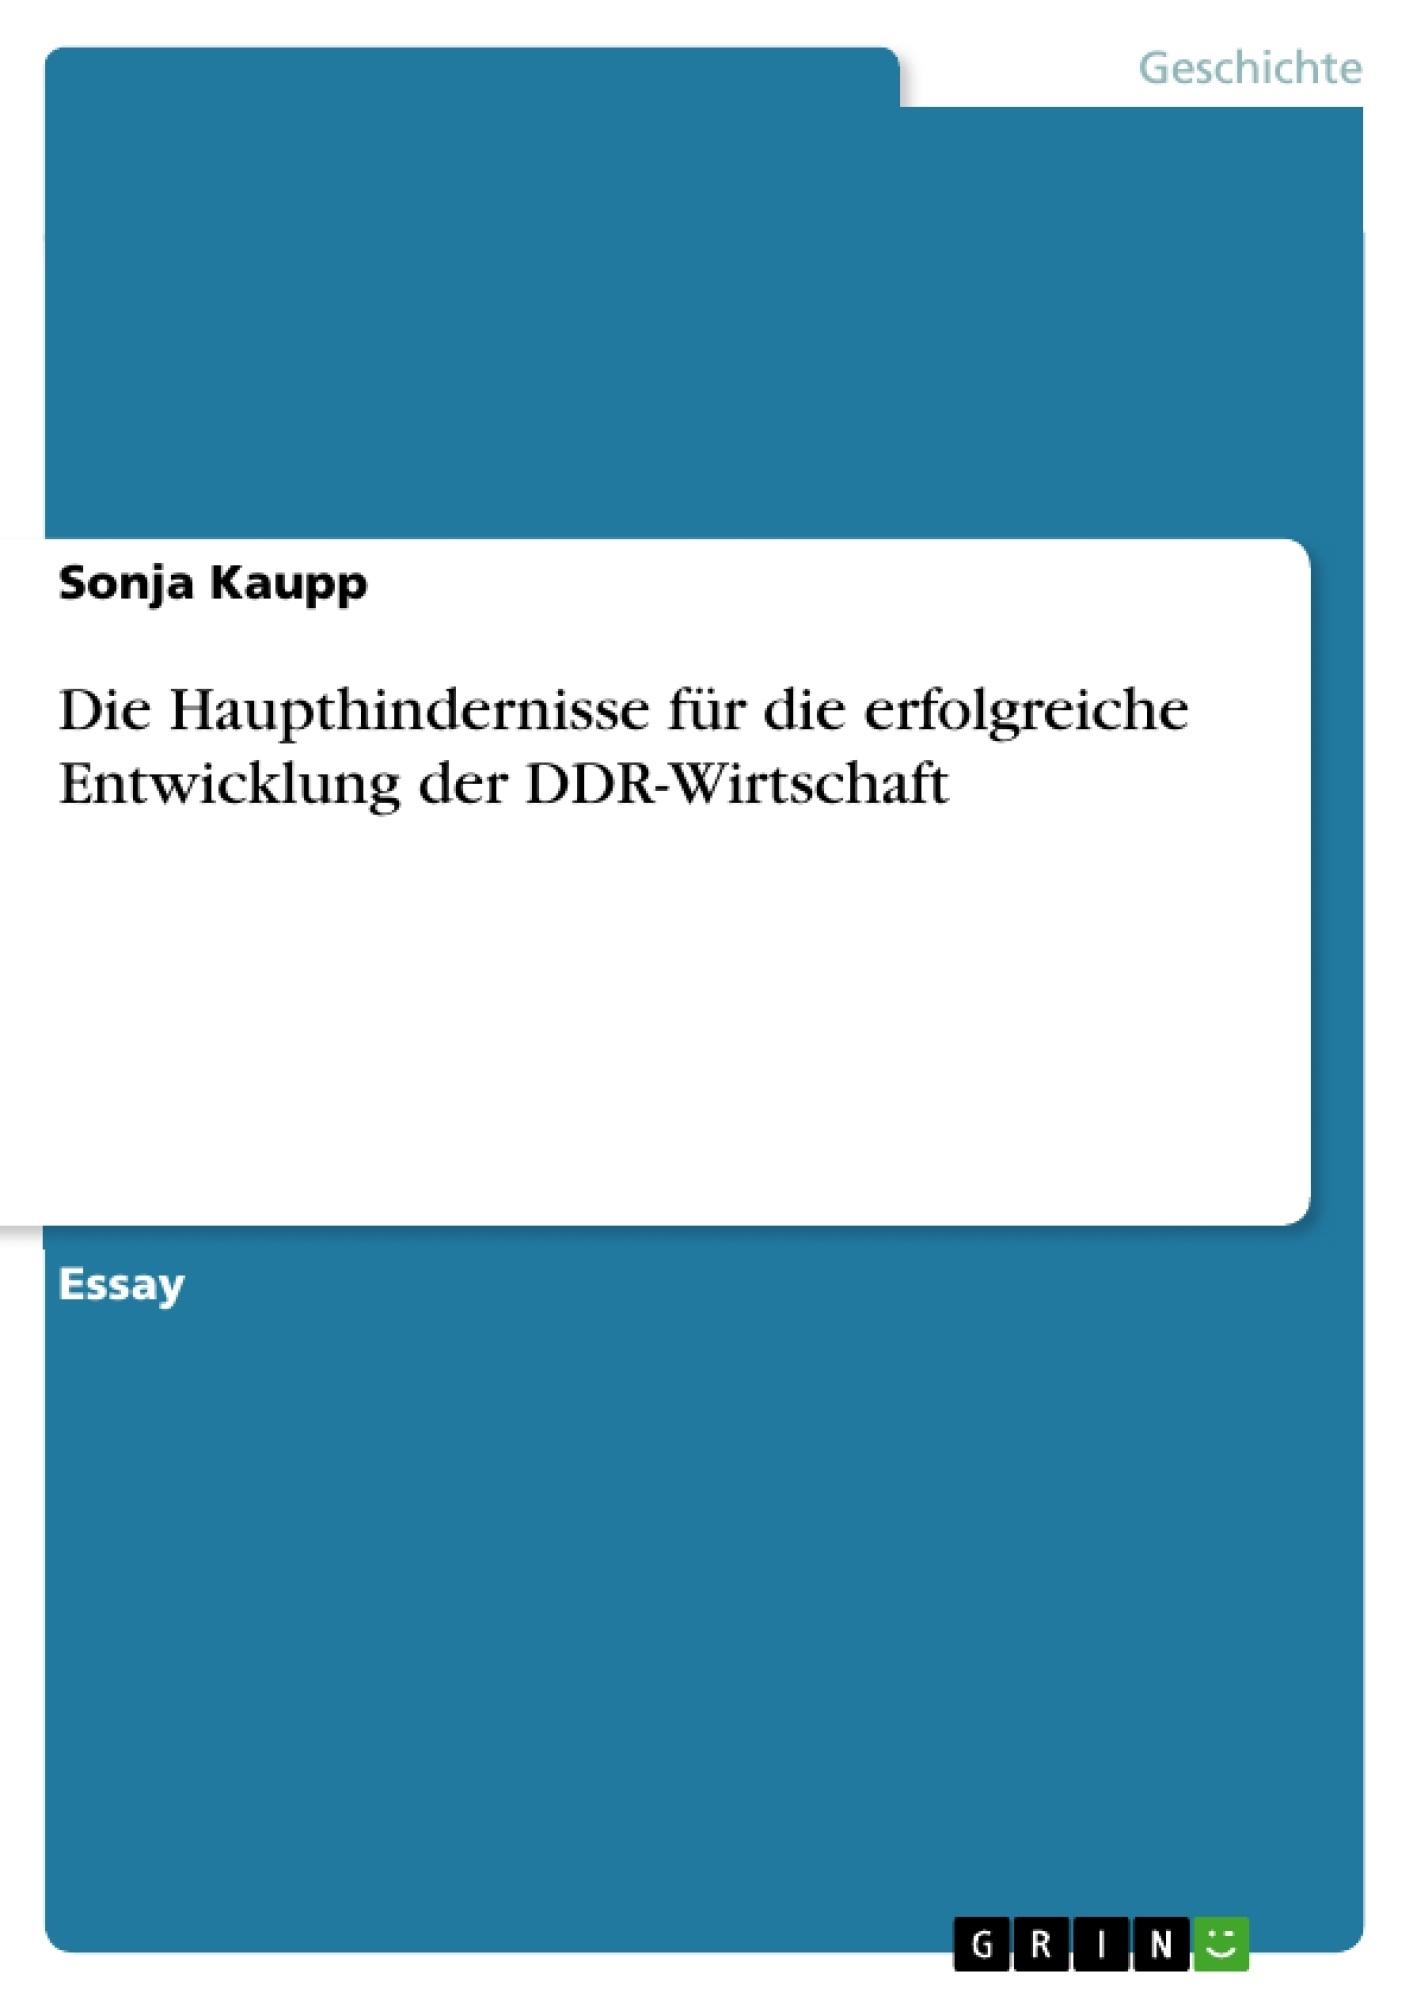 Titel: Die Haupthindernisse  für die erfolgreiche Entwicklung der DDR-Wirtschaft